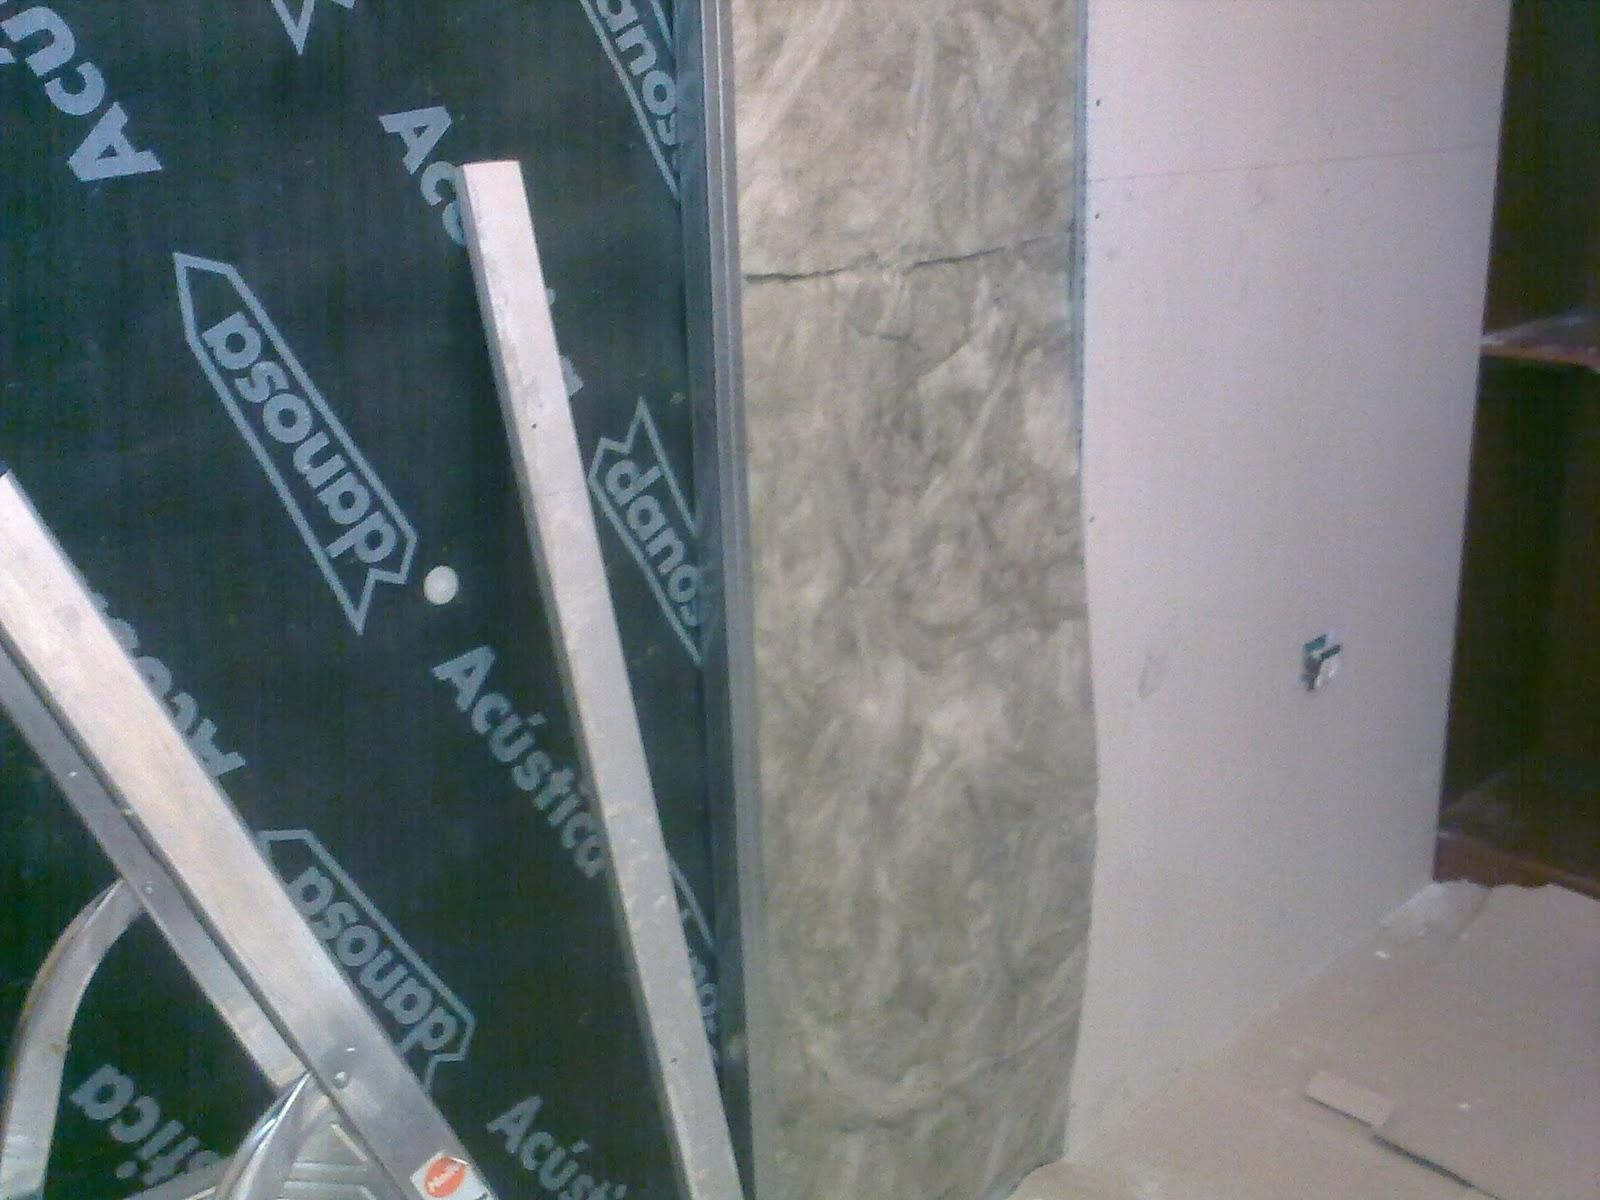 Aislamiento acustico instalaciones aislamiento acustico - Aislamientos acusticos para paredes ...